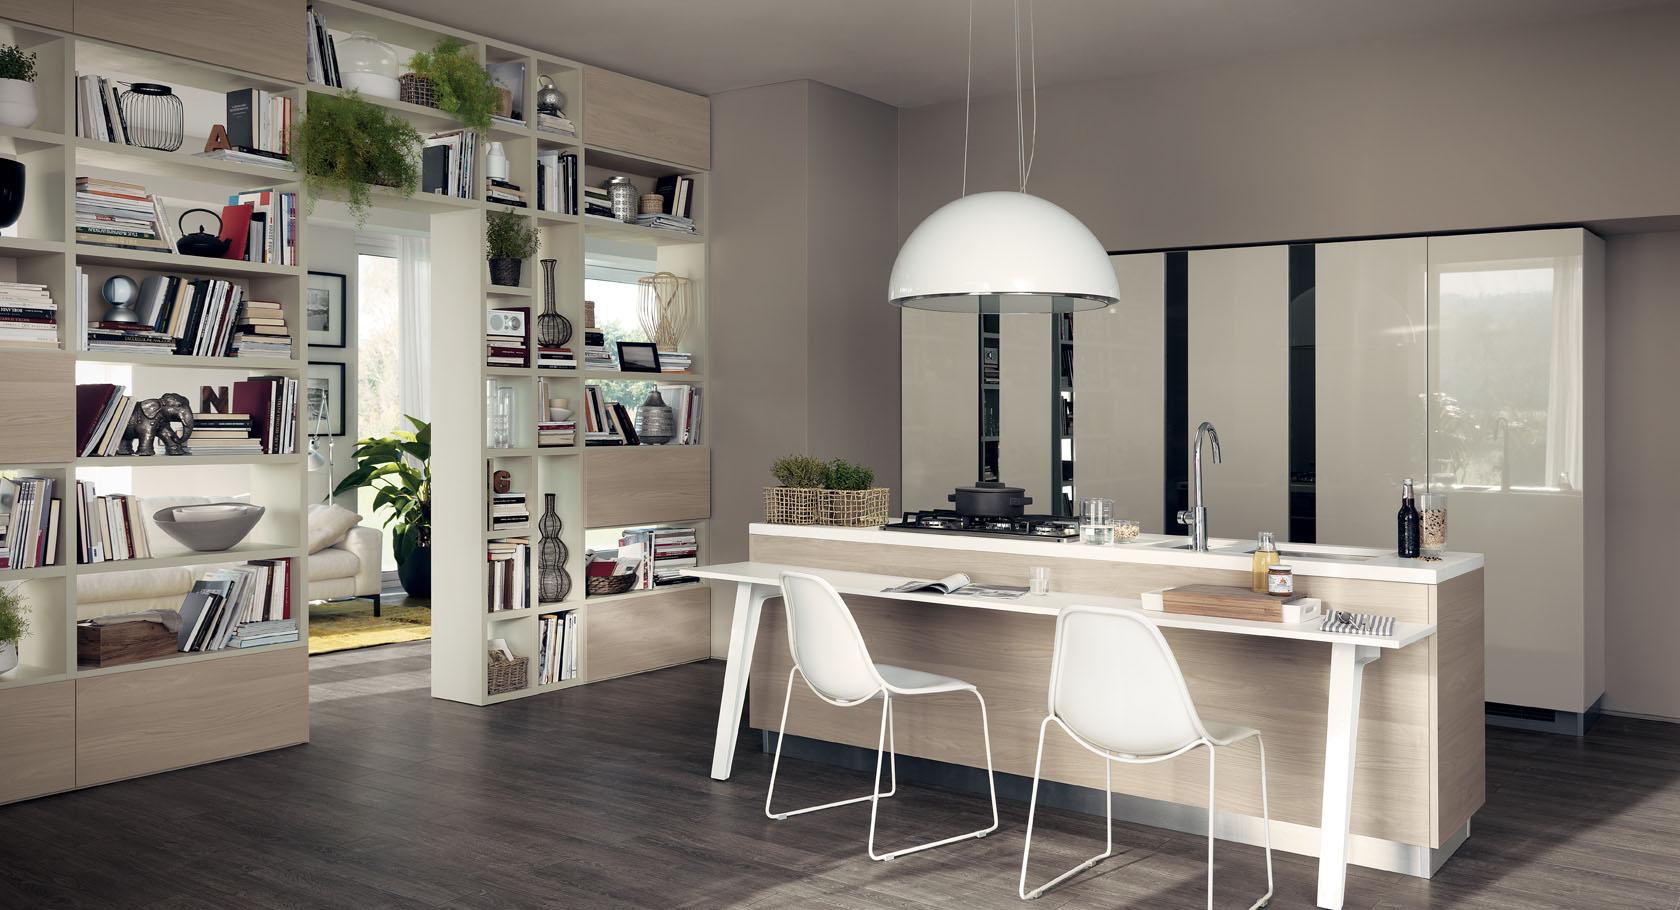 Papino Arreda Cucine Moderne.Cucine Papino Arreda Idee Per La Decorazione Della Casa